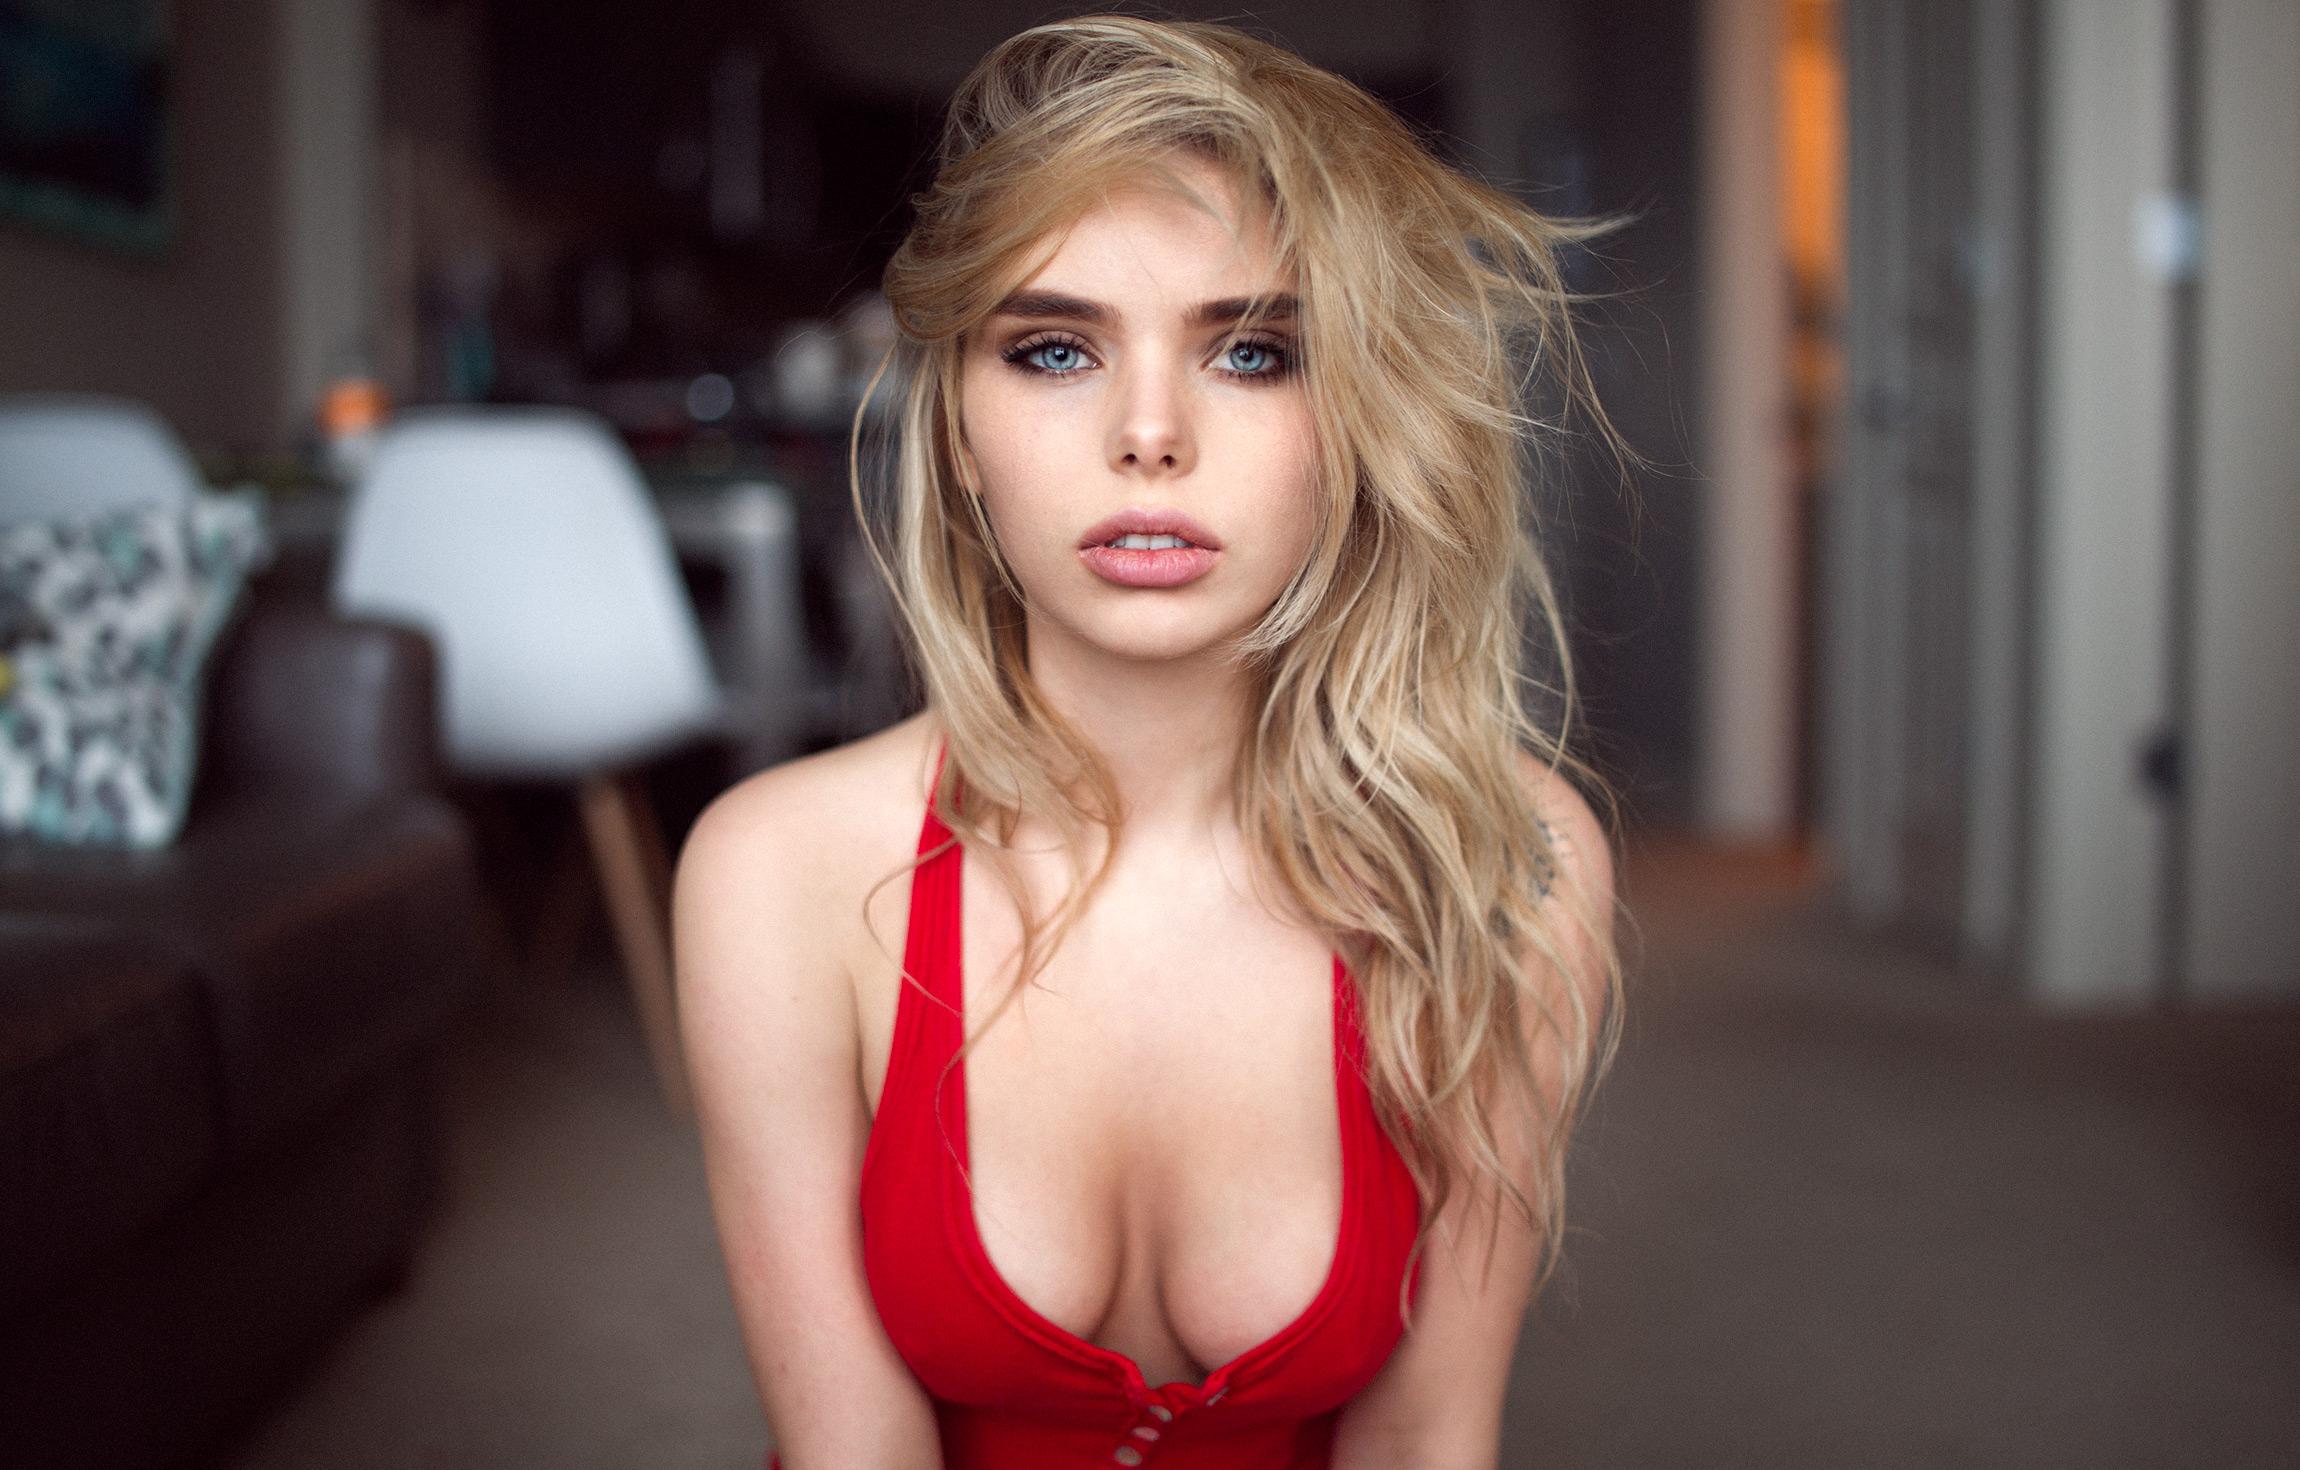 Blonde Big Boobs Pics And Perfect Tits Porn